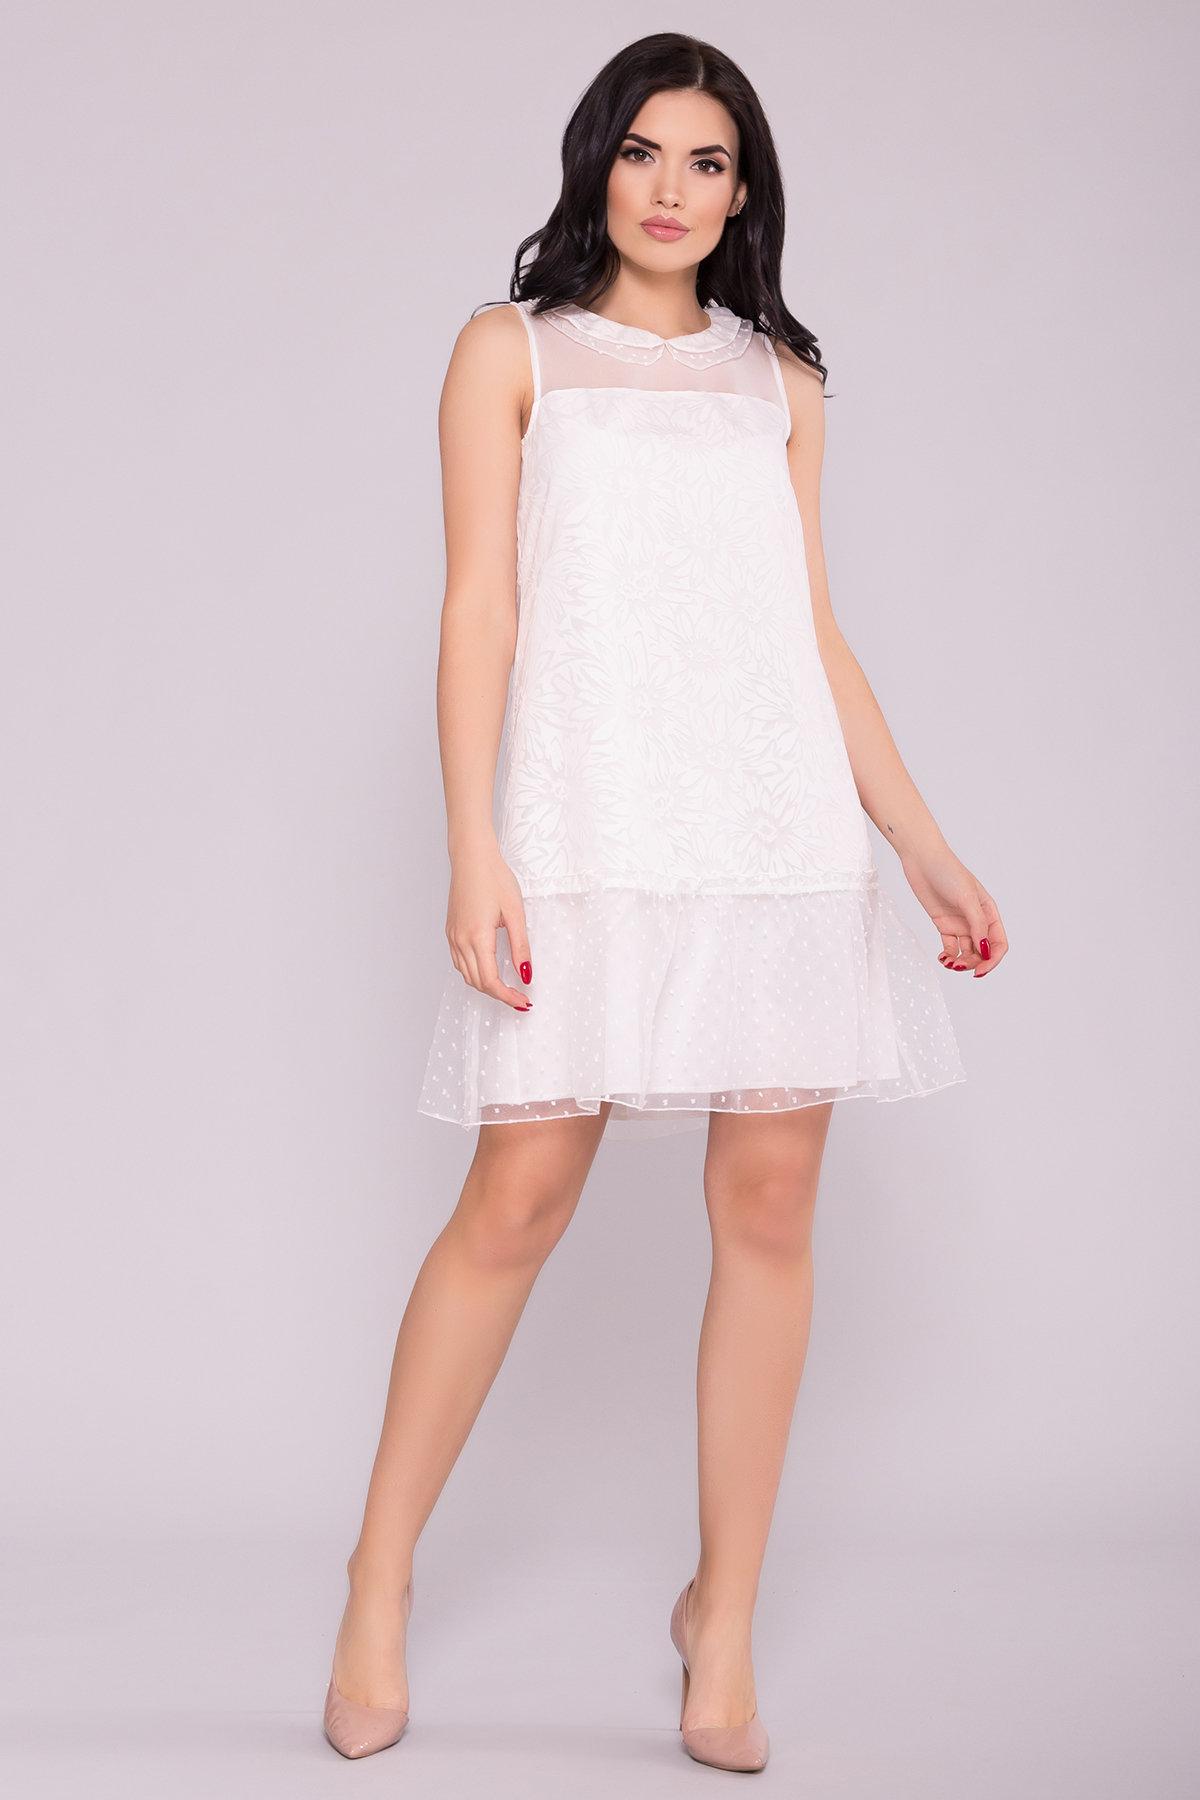 Купить платье оптом Украина Modus Платье Манила 6978